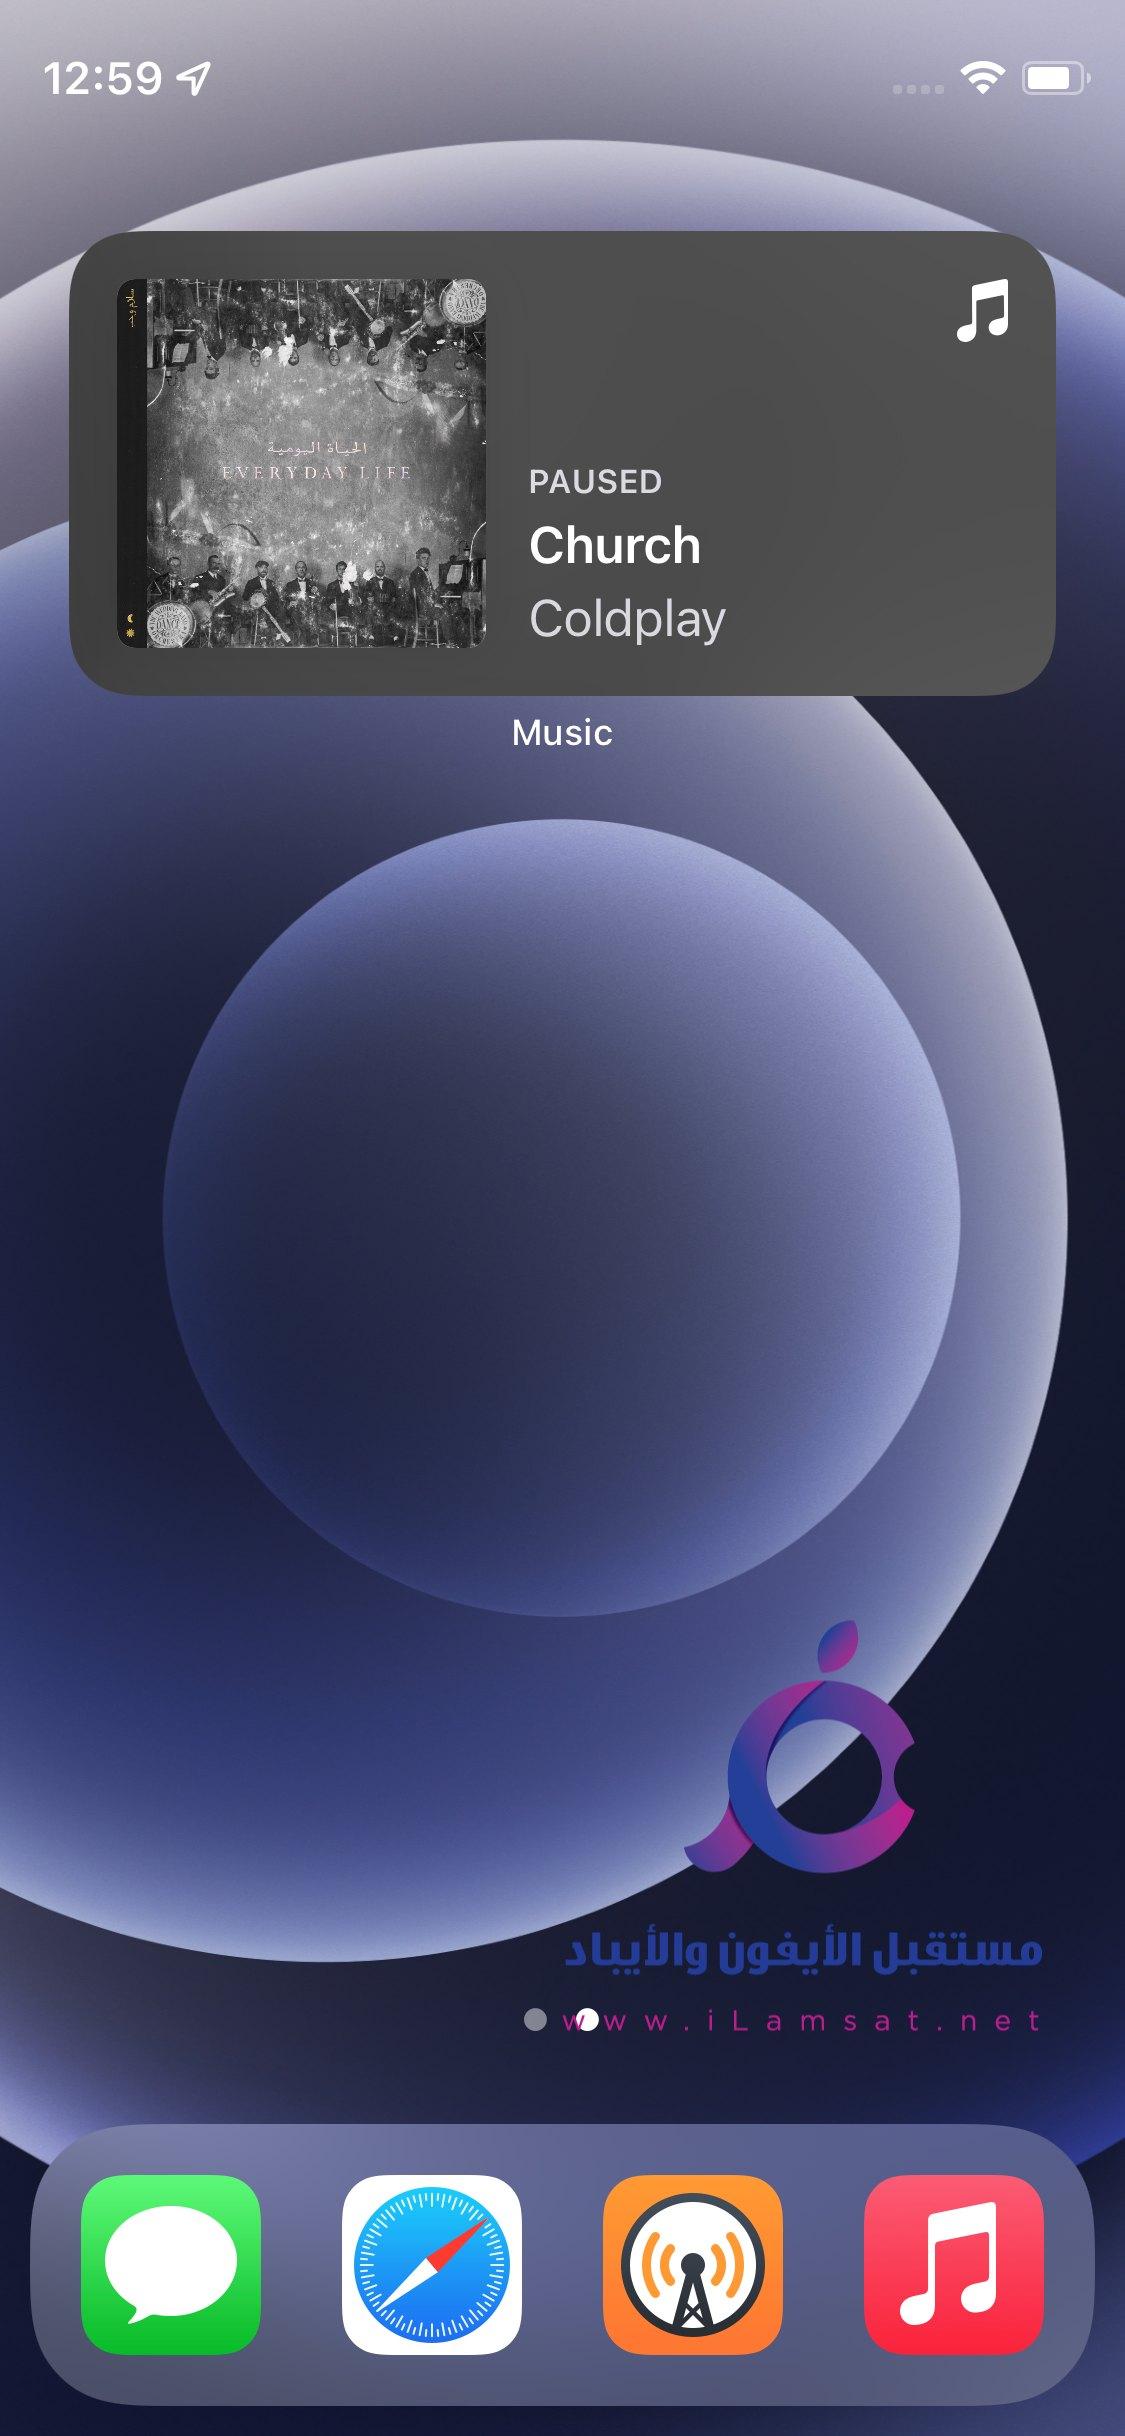 ios 15 : تعرف علي المميزات الجديدة في النسخة التجريبية الثالثة iOS 15 beta 3